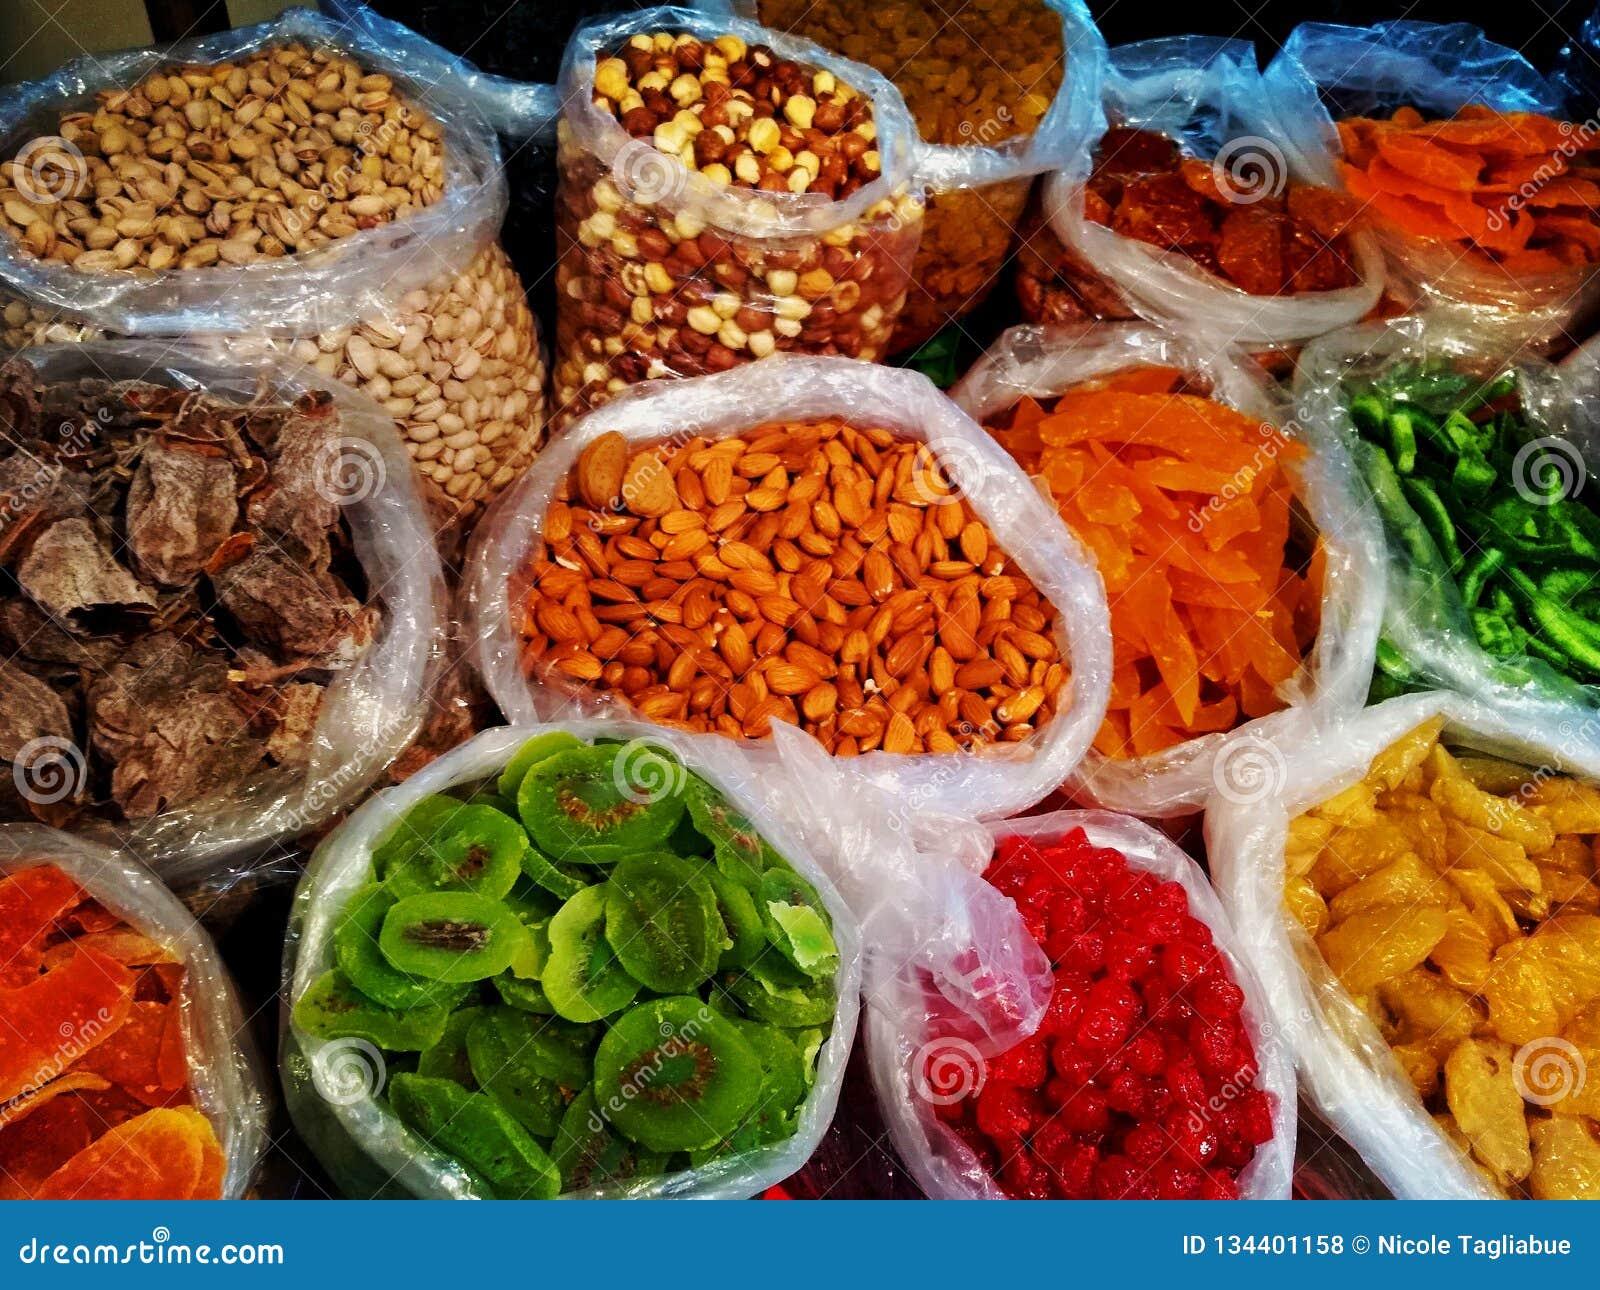 Vasta gamma georgiana di alimento tradizionale colourful sulla vendita nel negozio del mercato di viuzza - primo piano sui dadi e